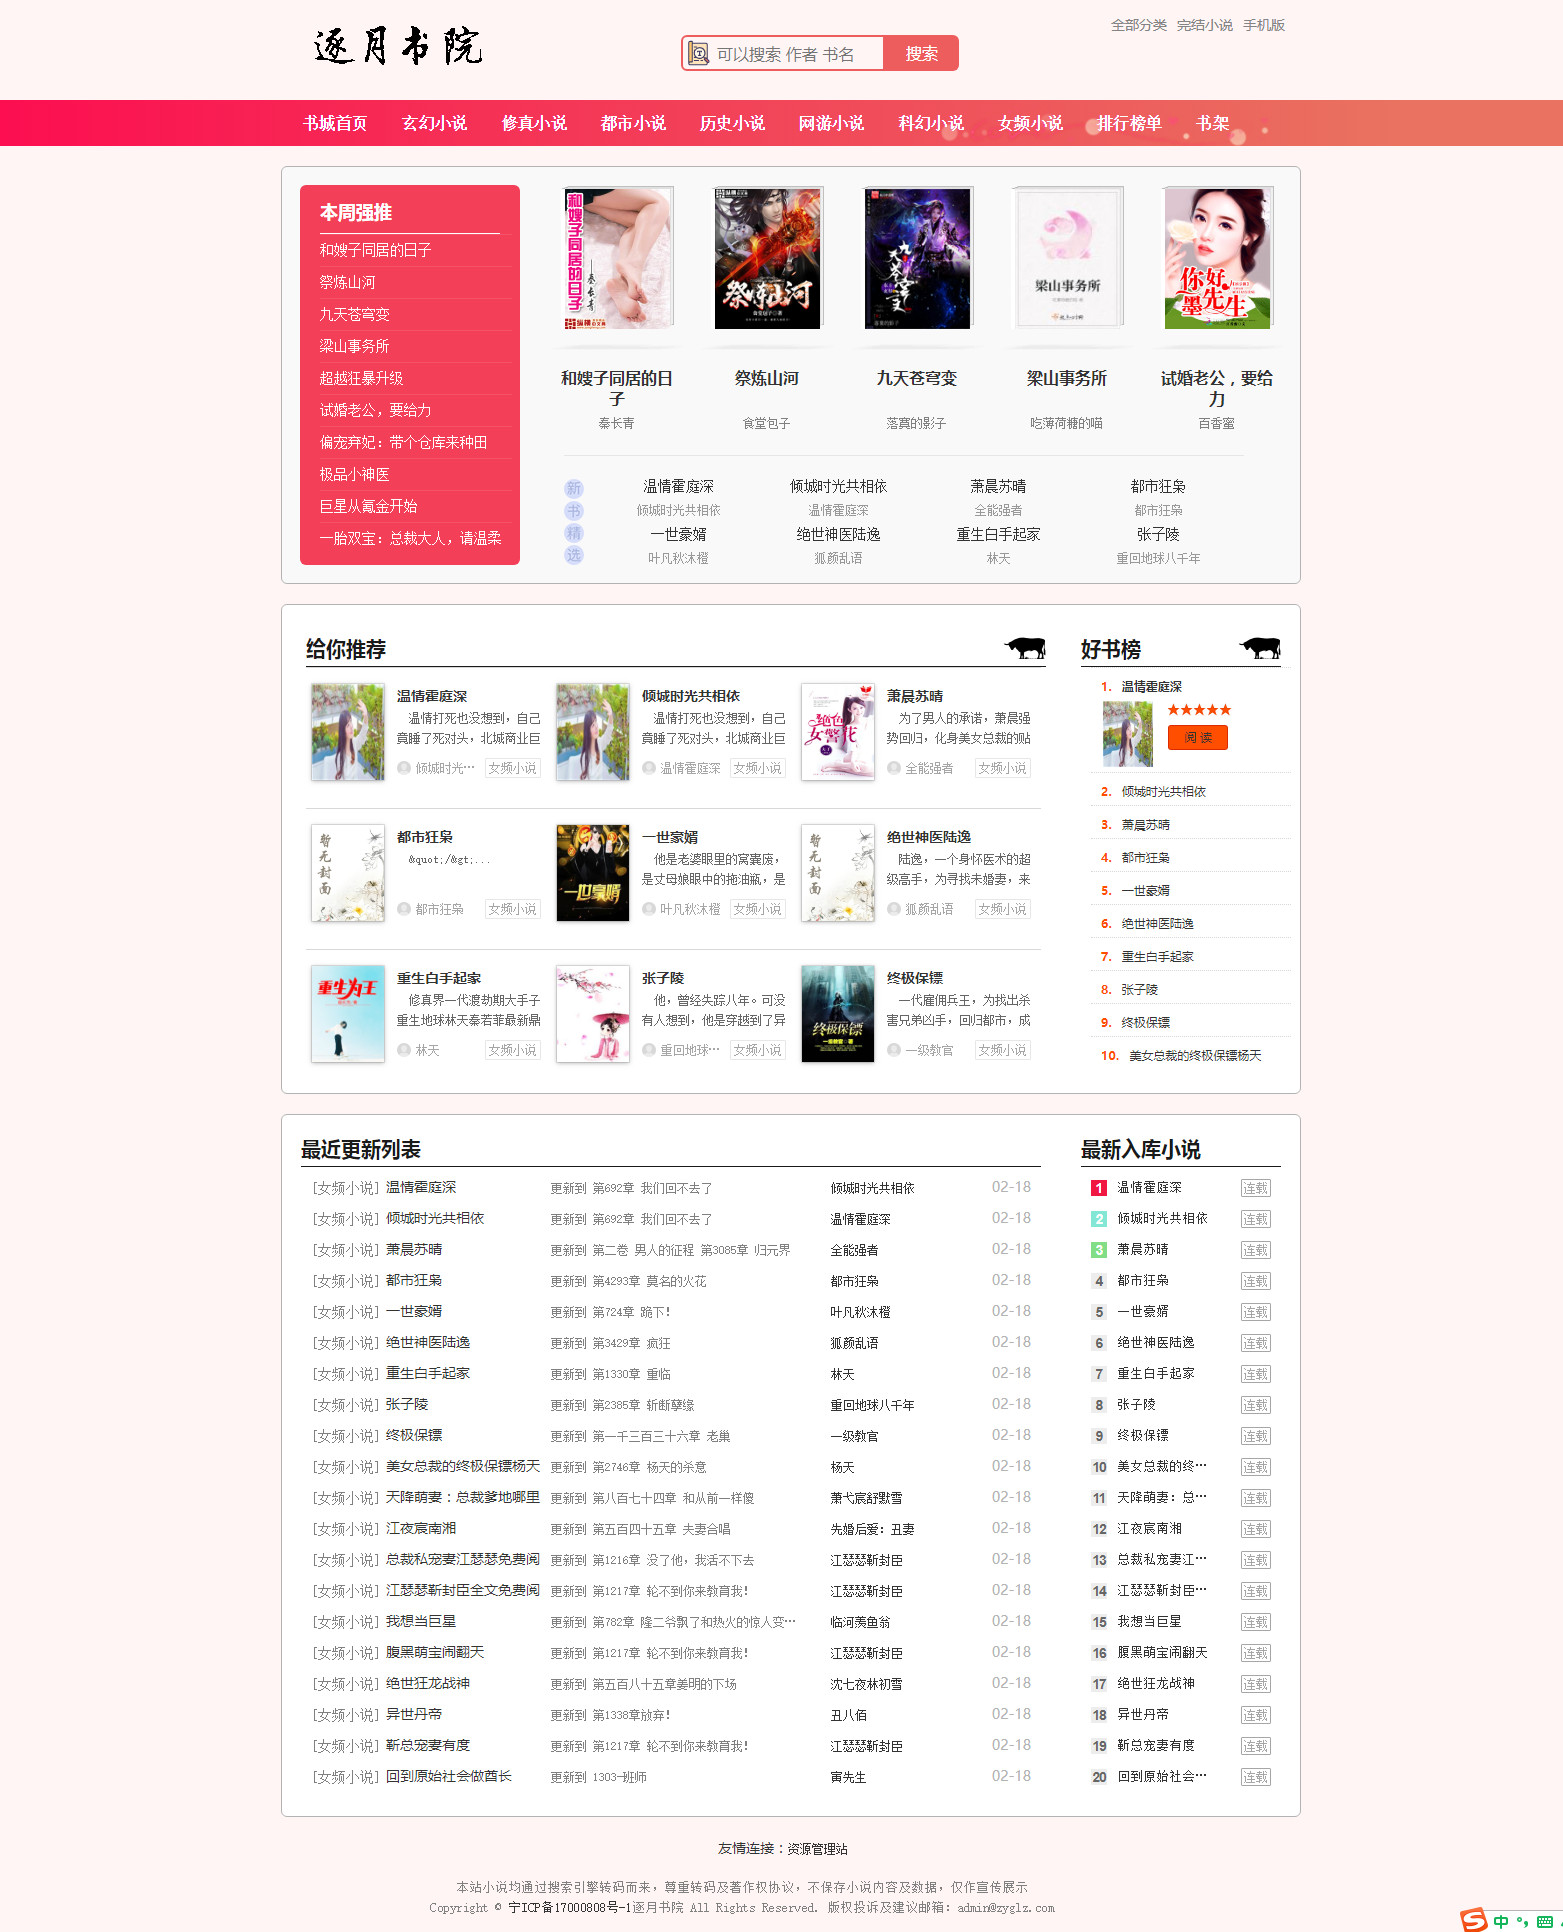 如何使用YGBOOK搭建自己的小说网站